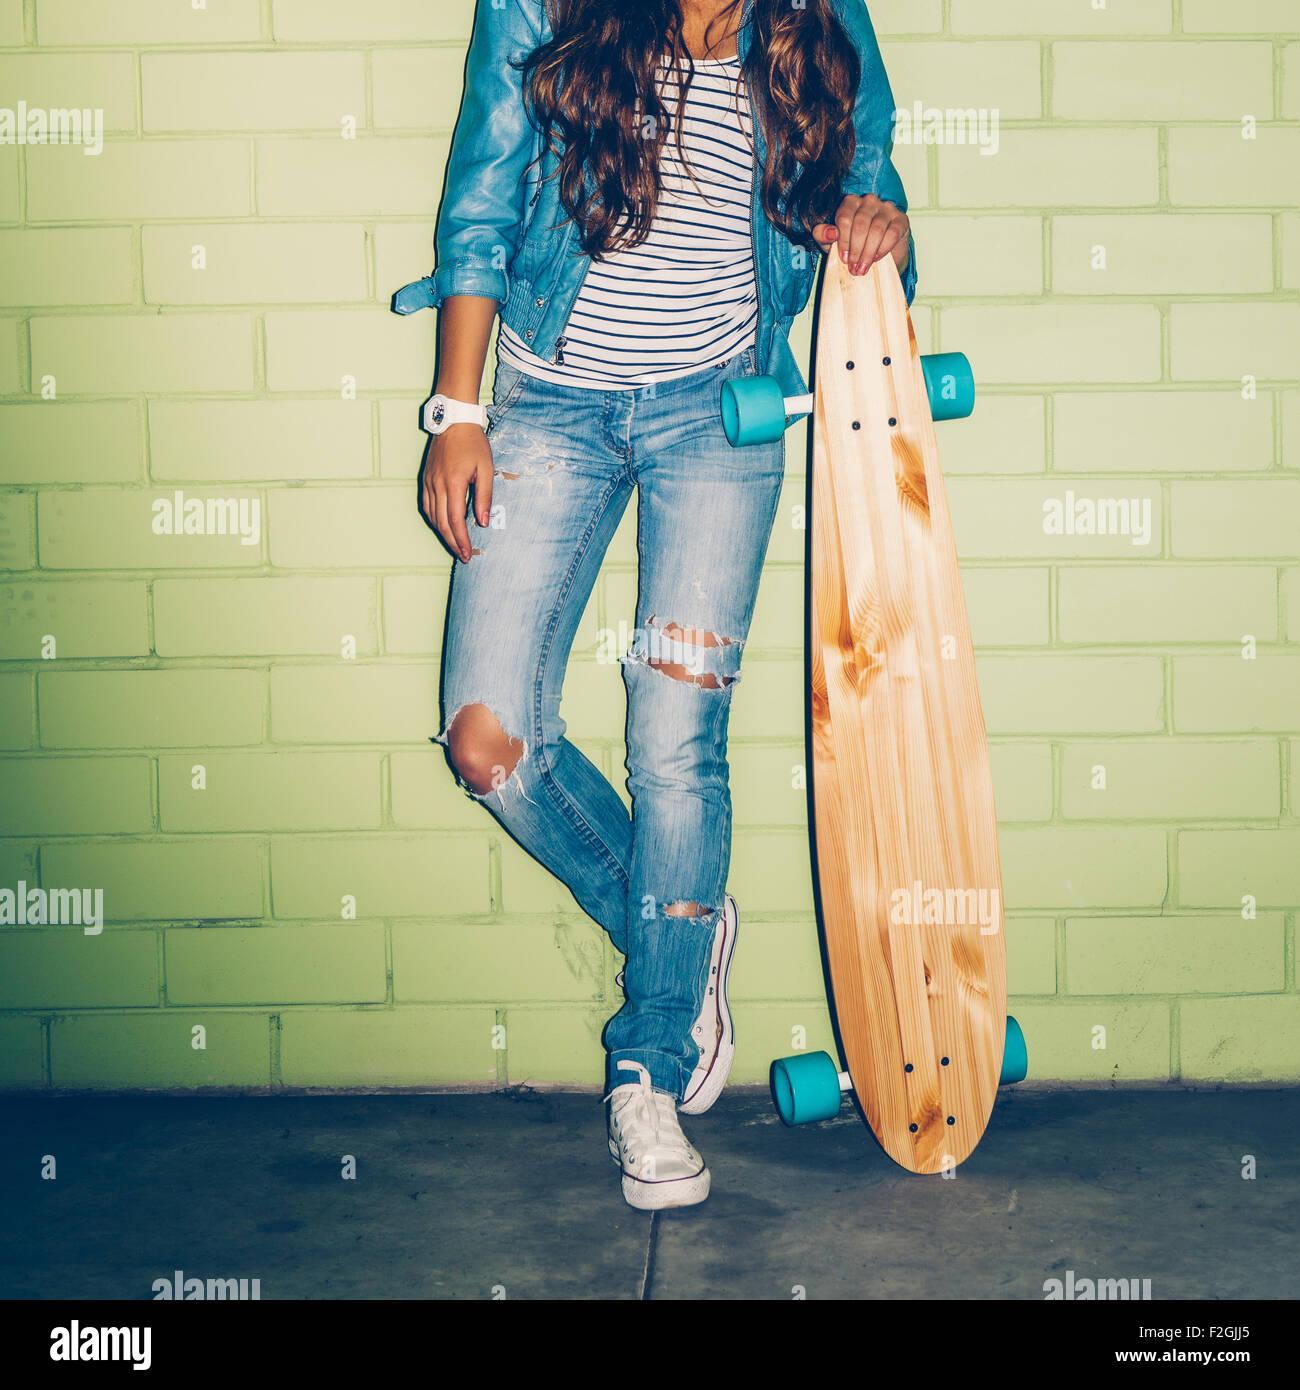 schöne langhaarige Mädchen mit hölzernen Longboard Skateboard Stand in der Nähe der grünen Mauer Stockfoto